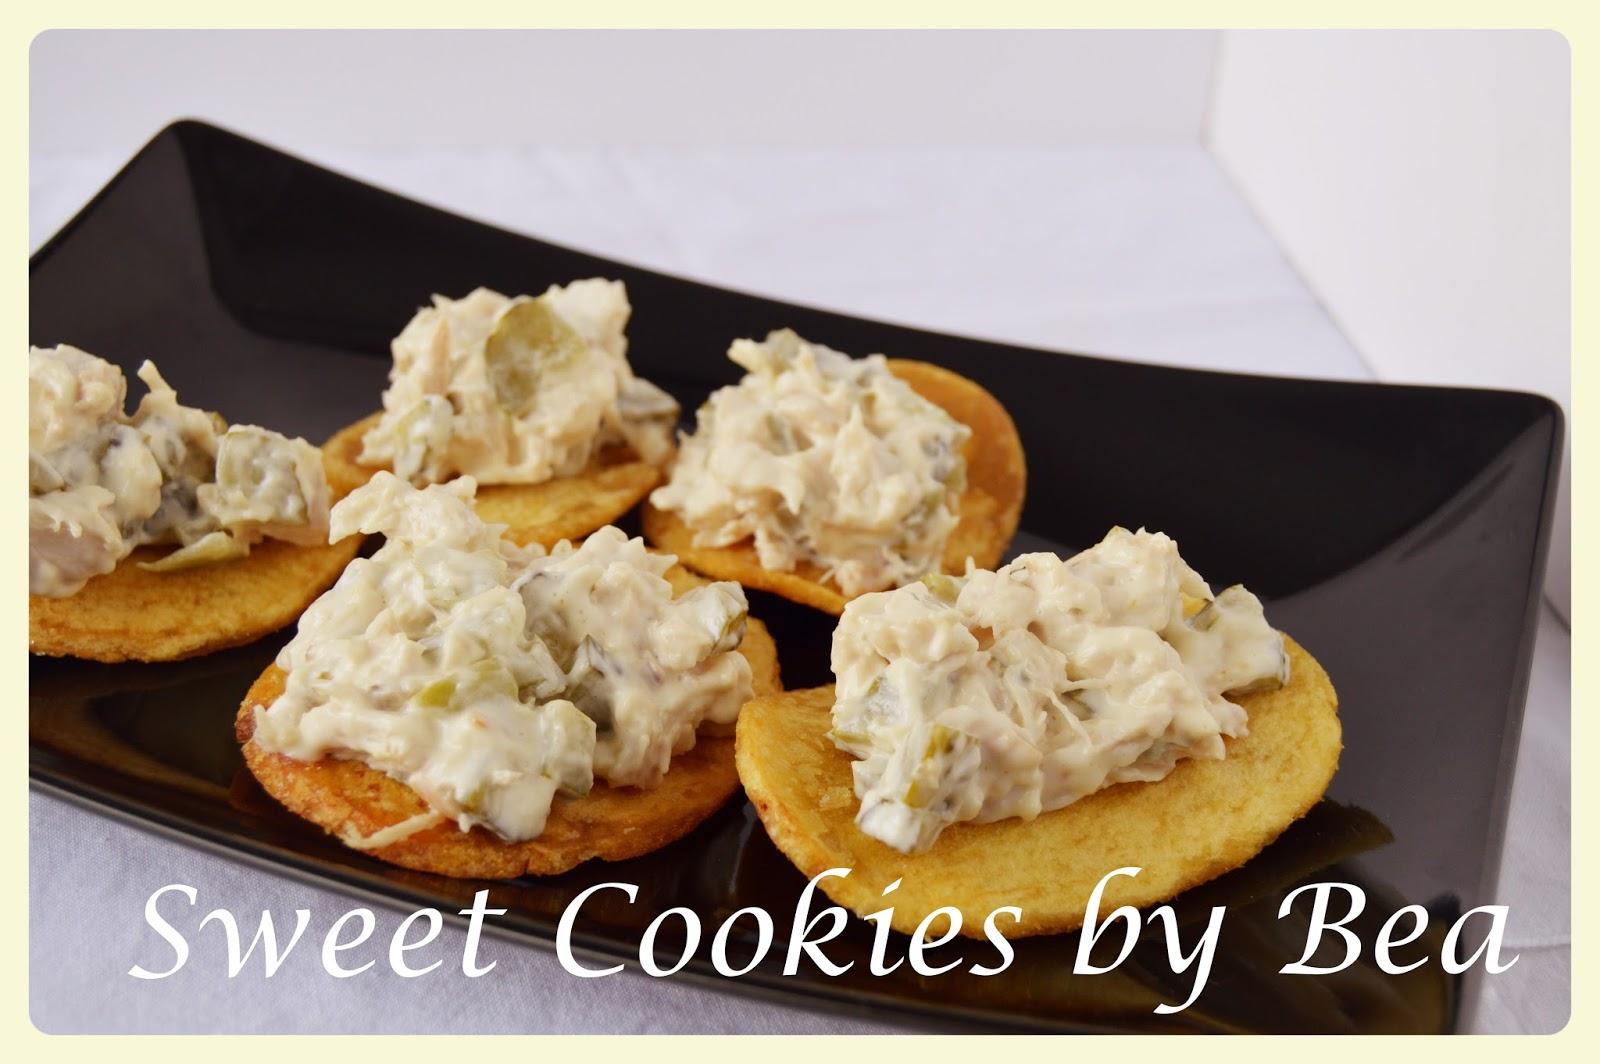 Sweet cookies by bea ensalada de pollo con pepinillos for Cocina de aprovechamiento